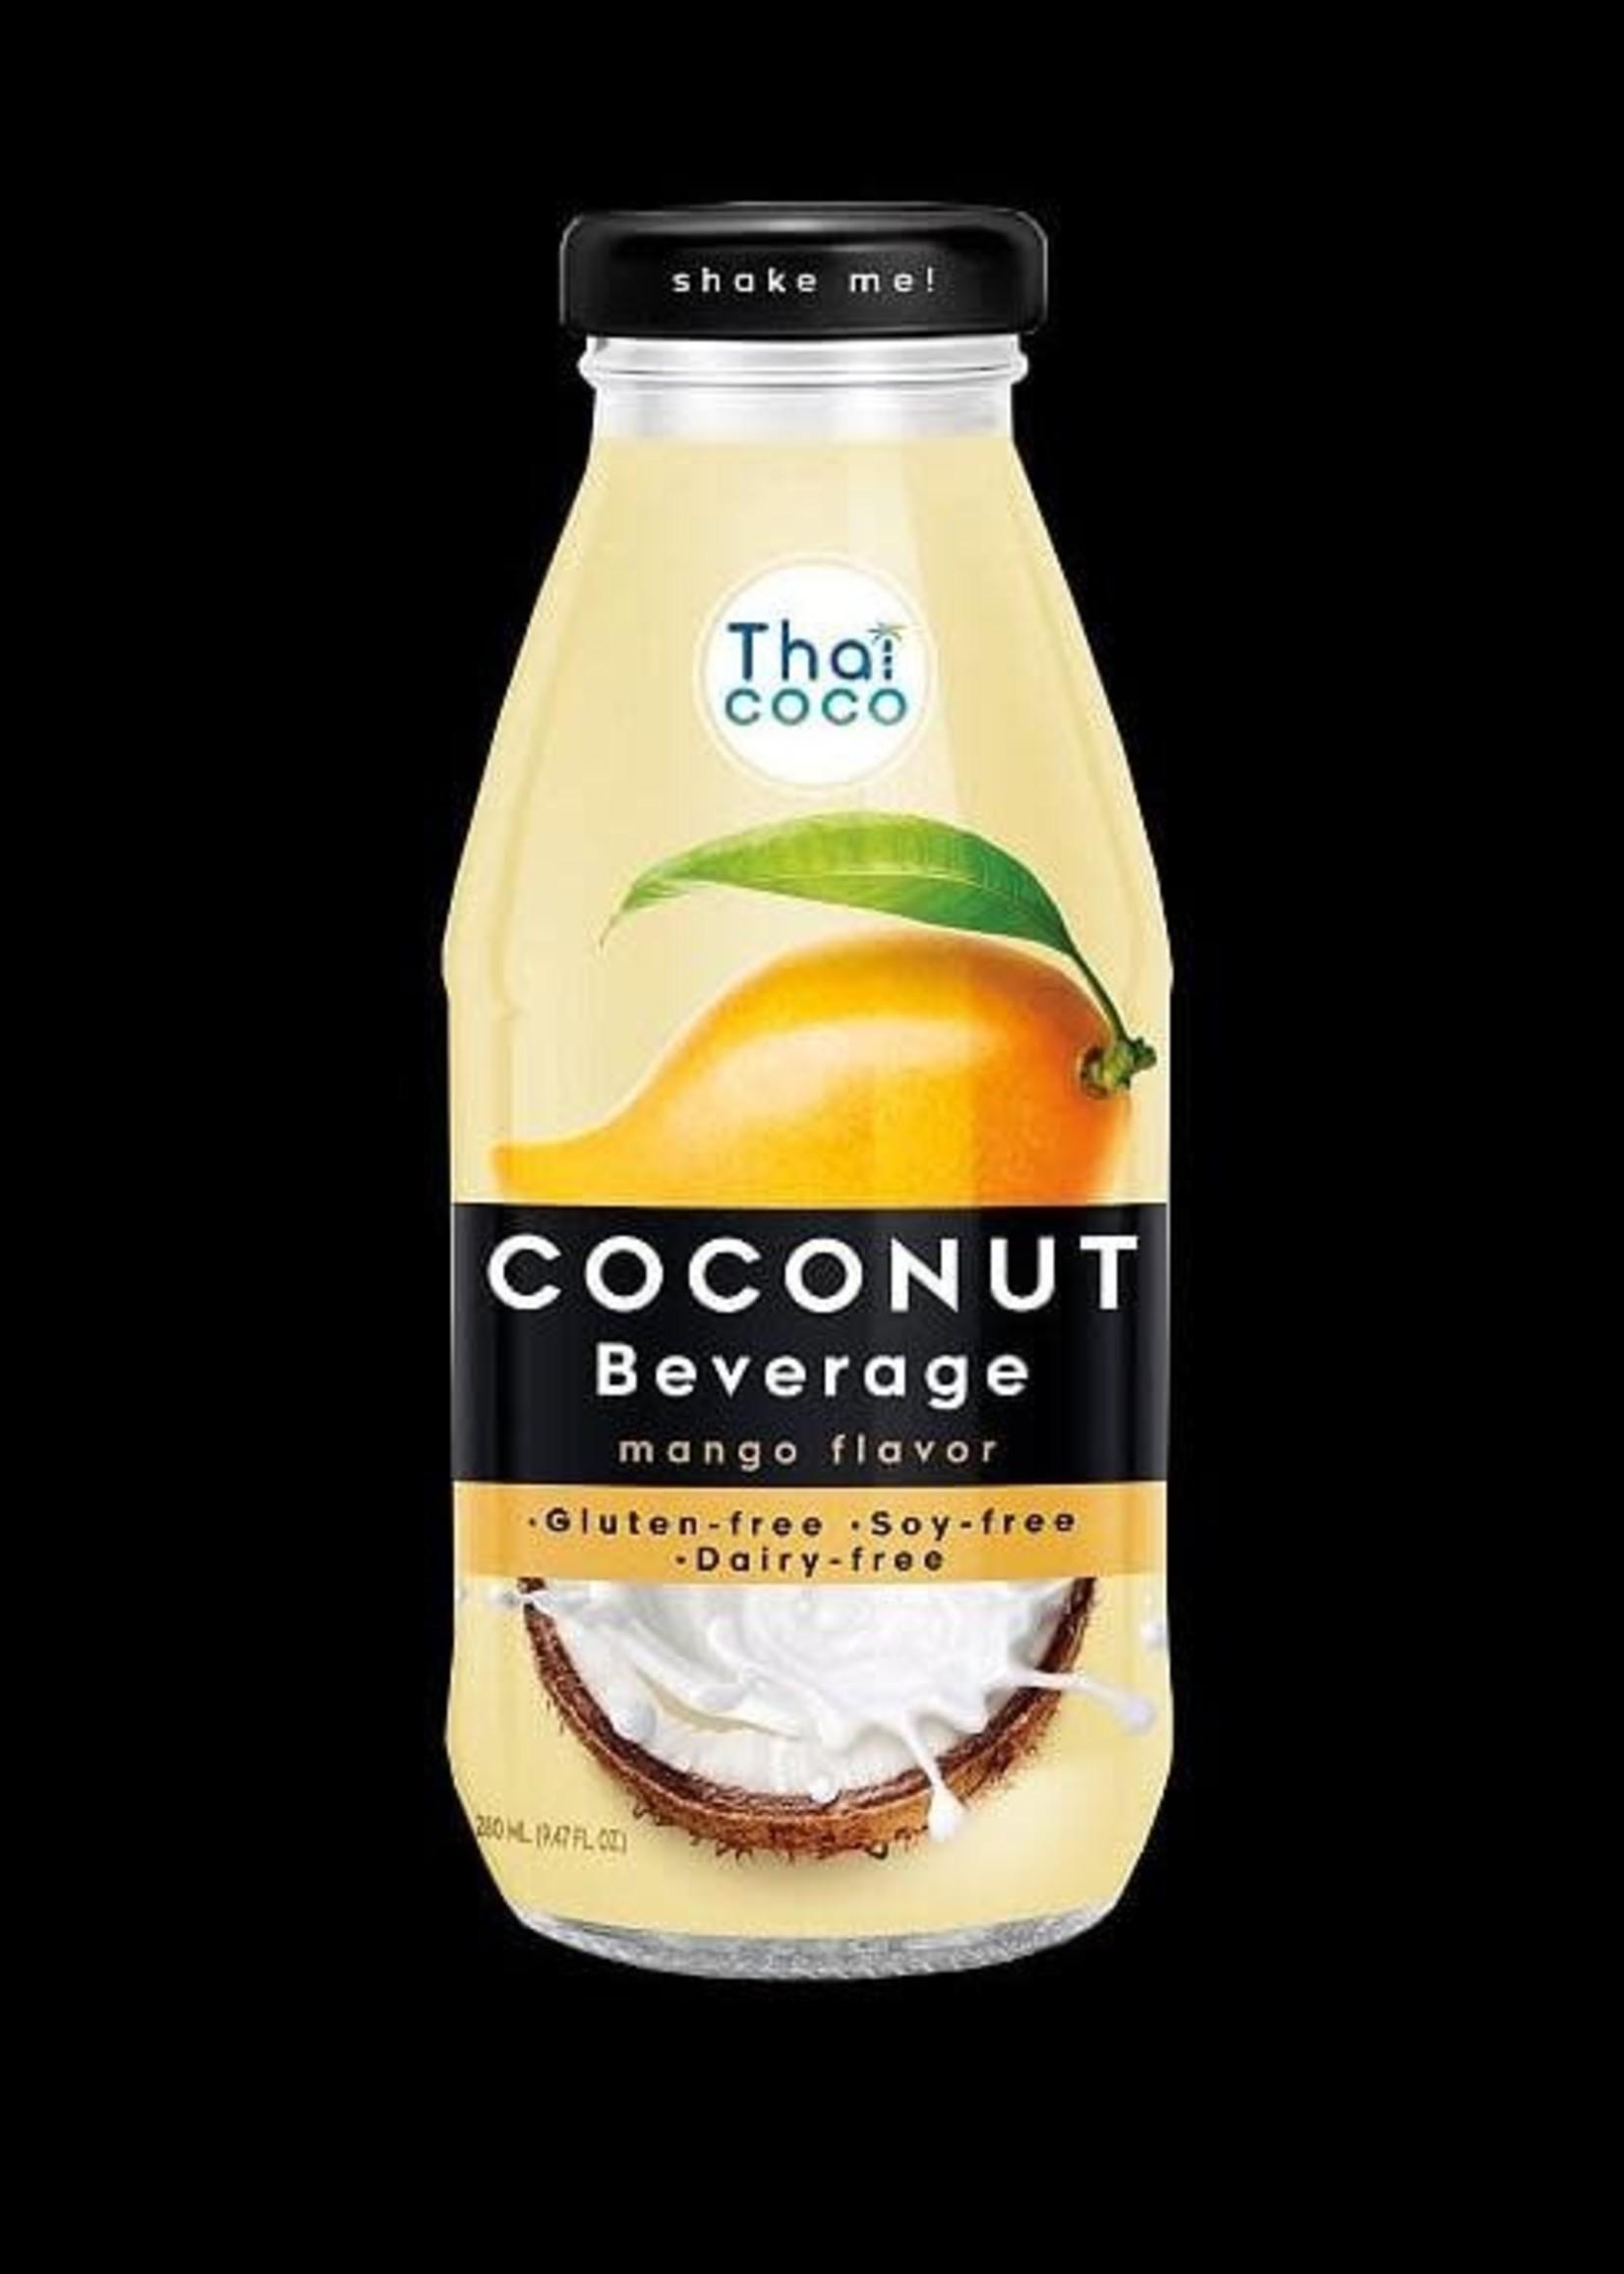 Thai Coco - mango